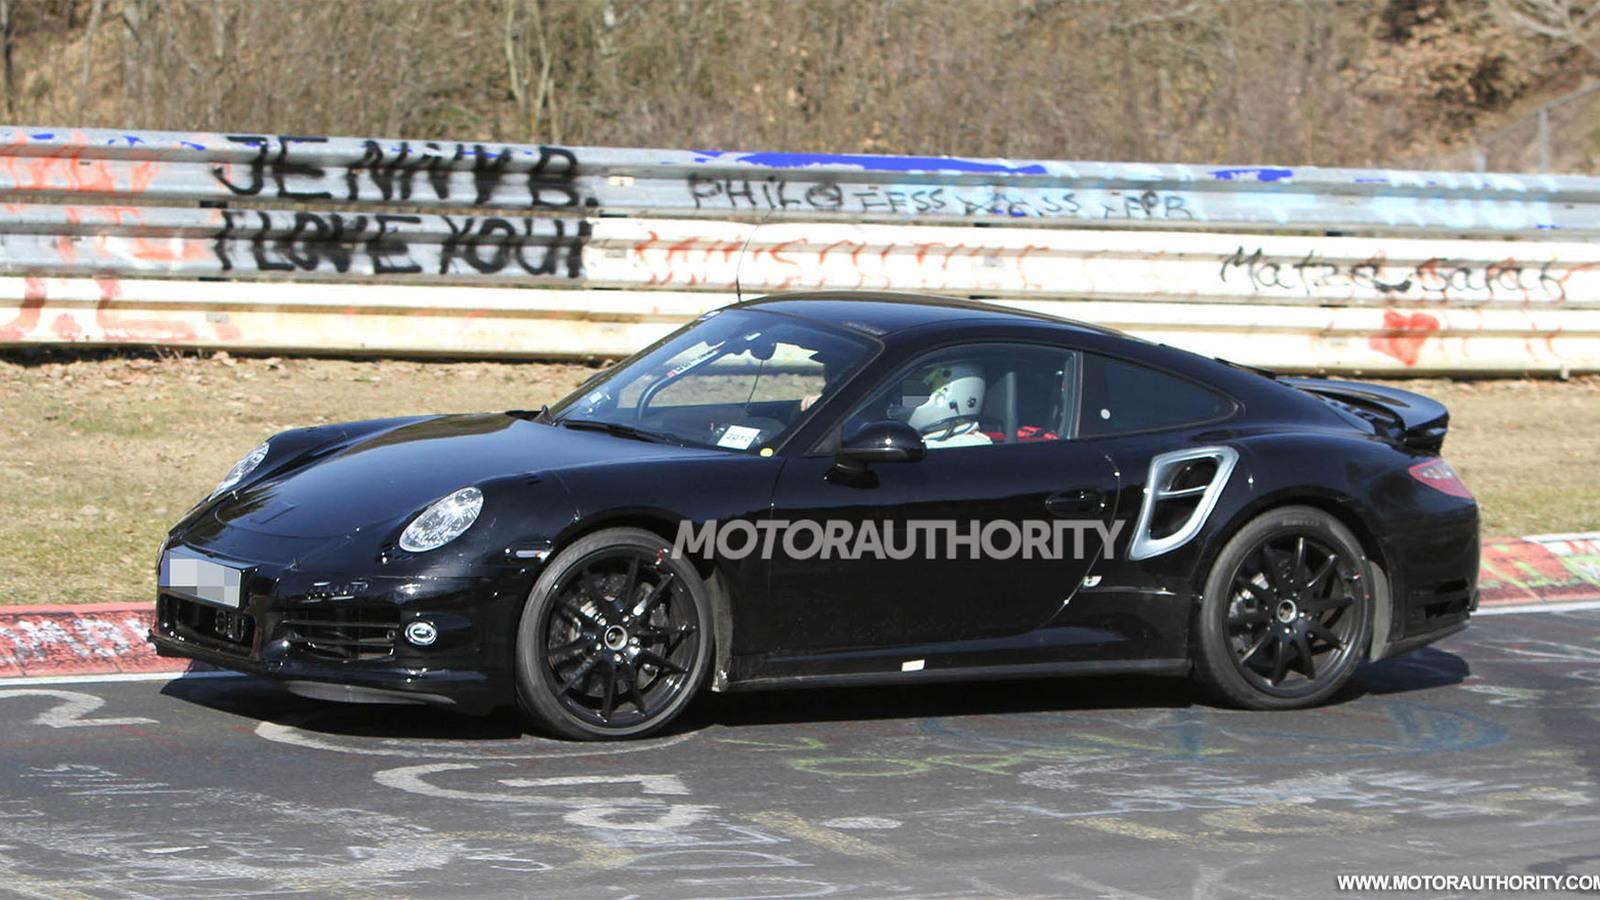 2014 Porsche 911 Turbo spy shots